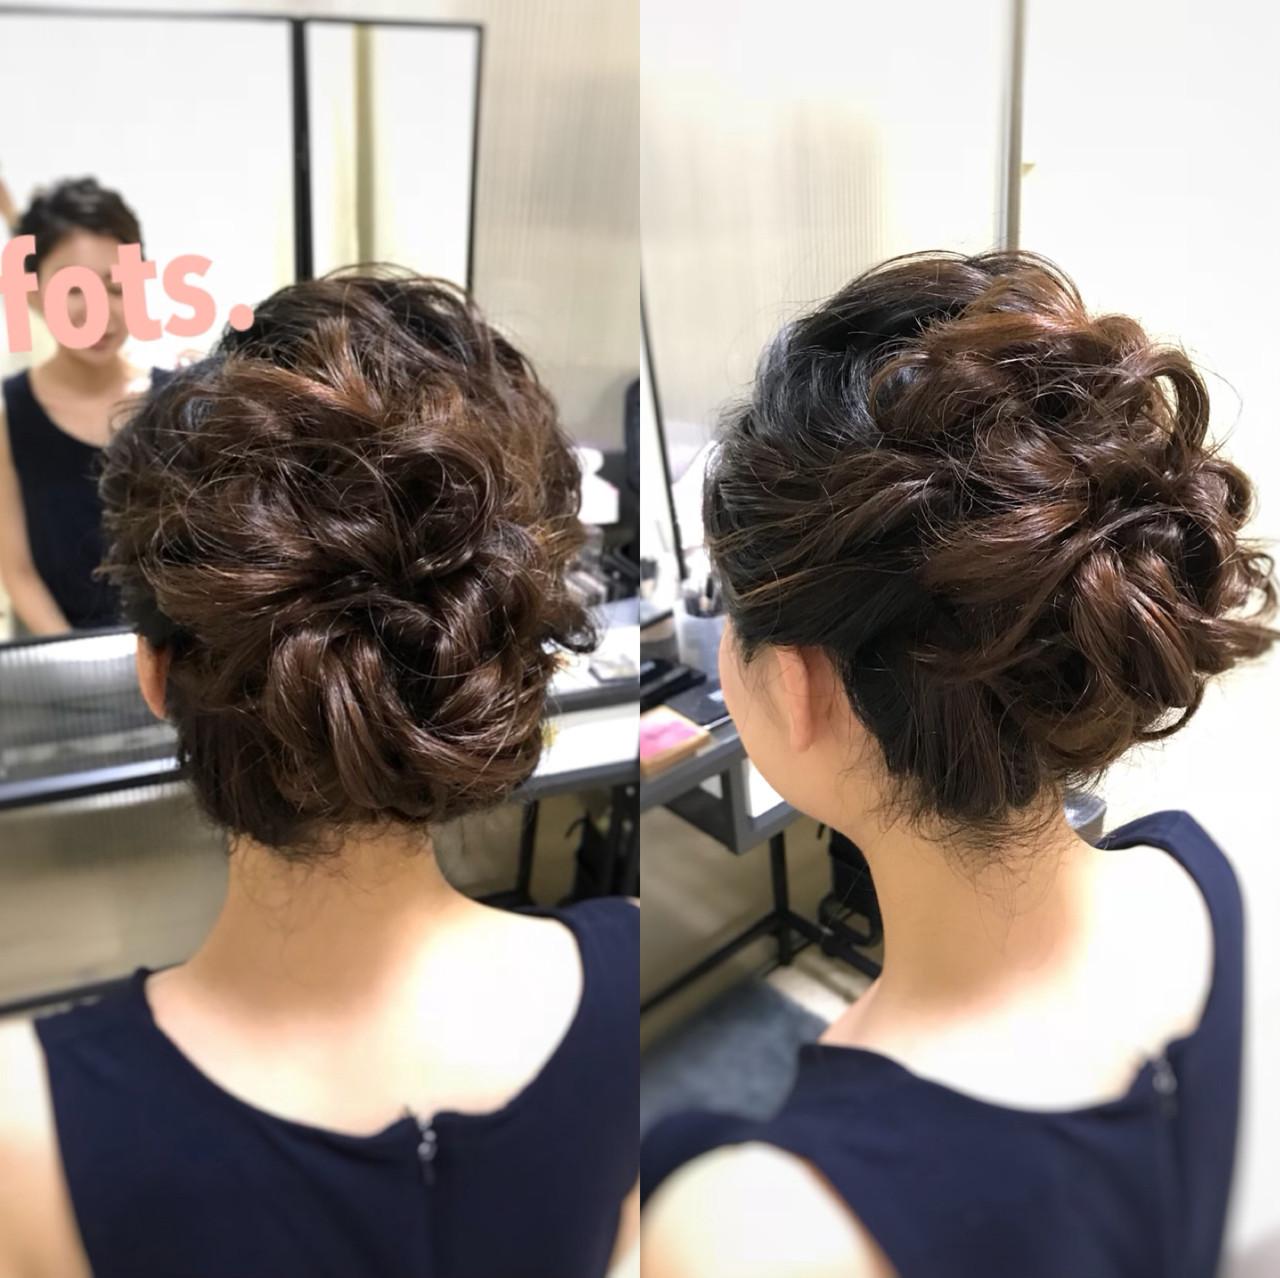 ふわふわ エレガント イベント パーティヘアヘアスタイルや髪型の写真・画像